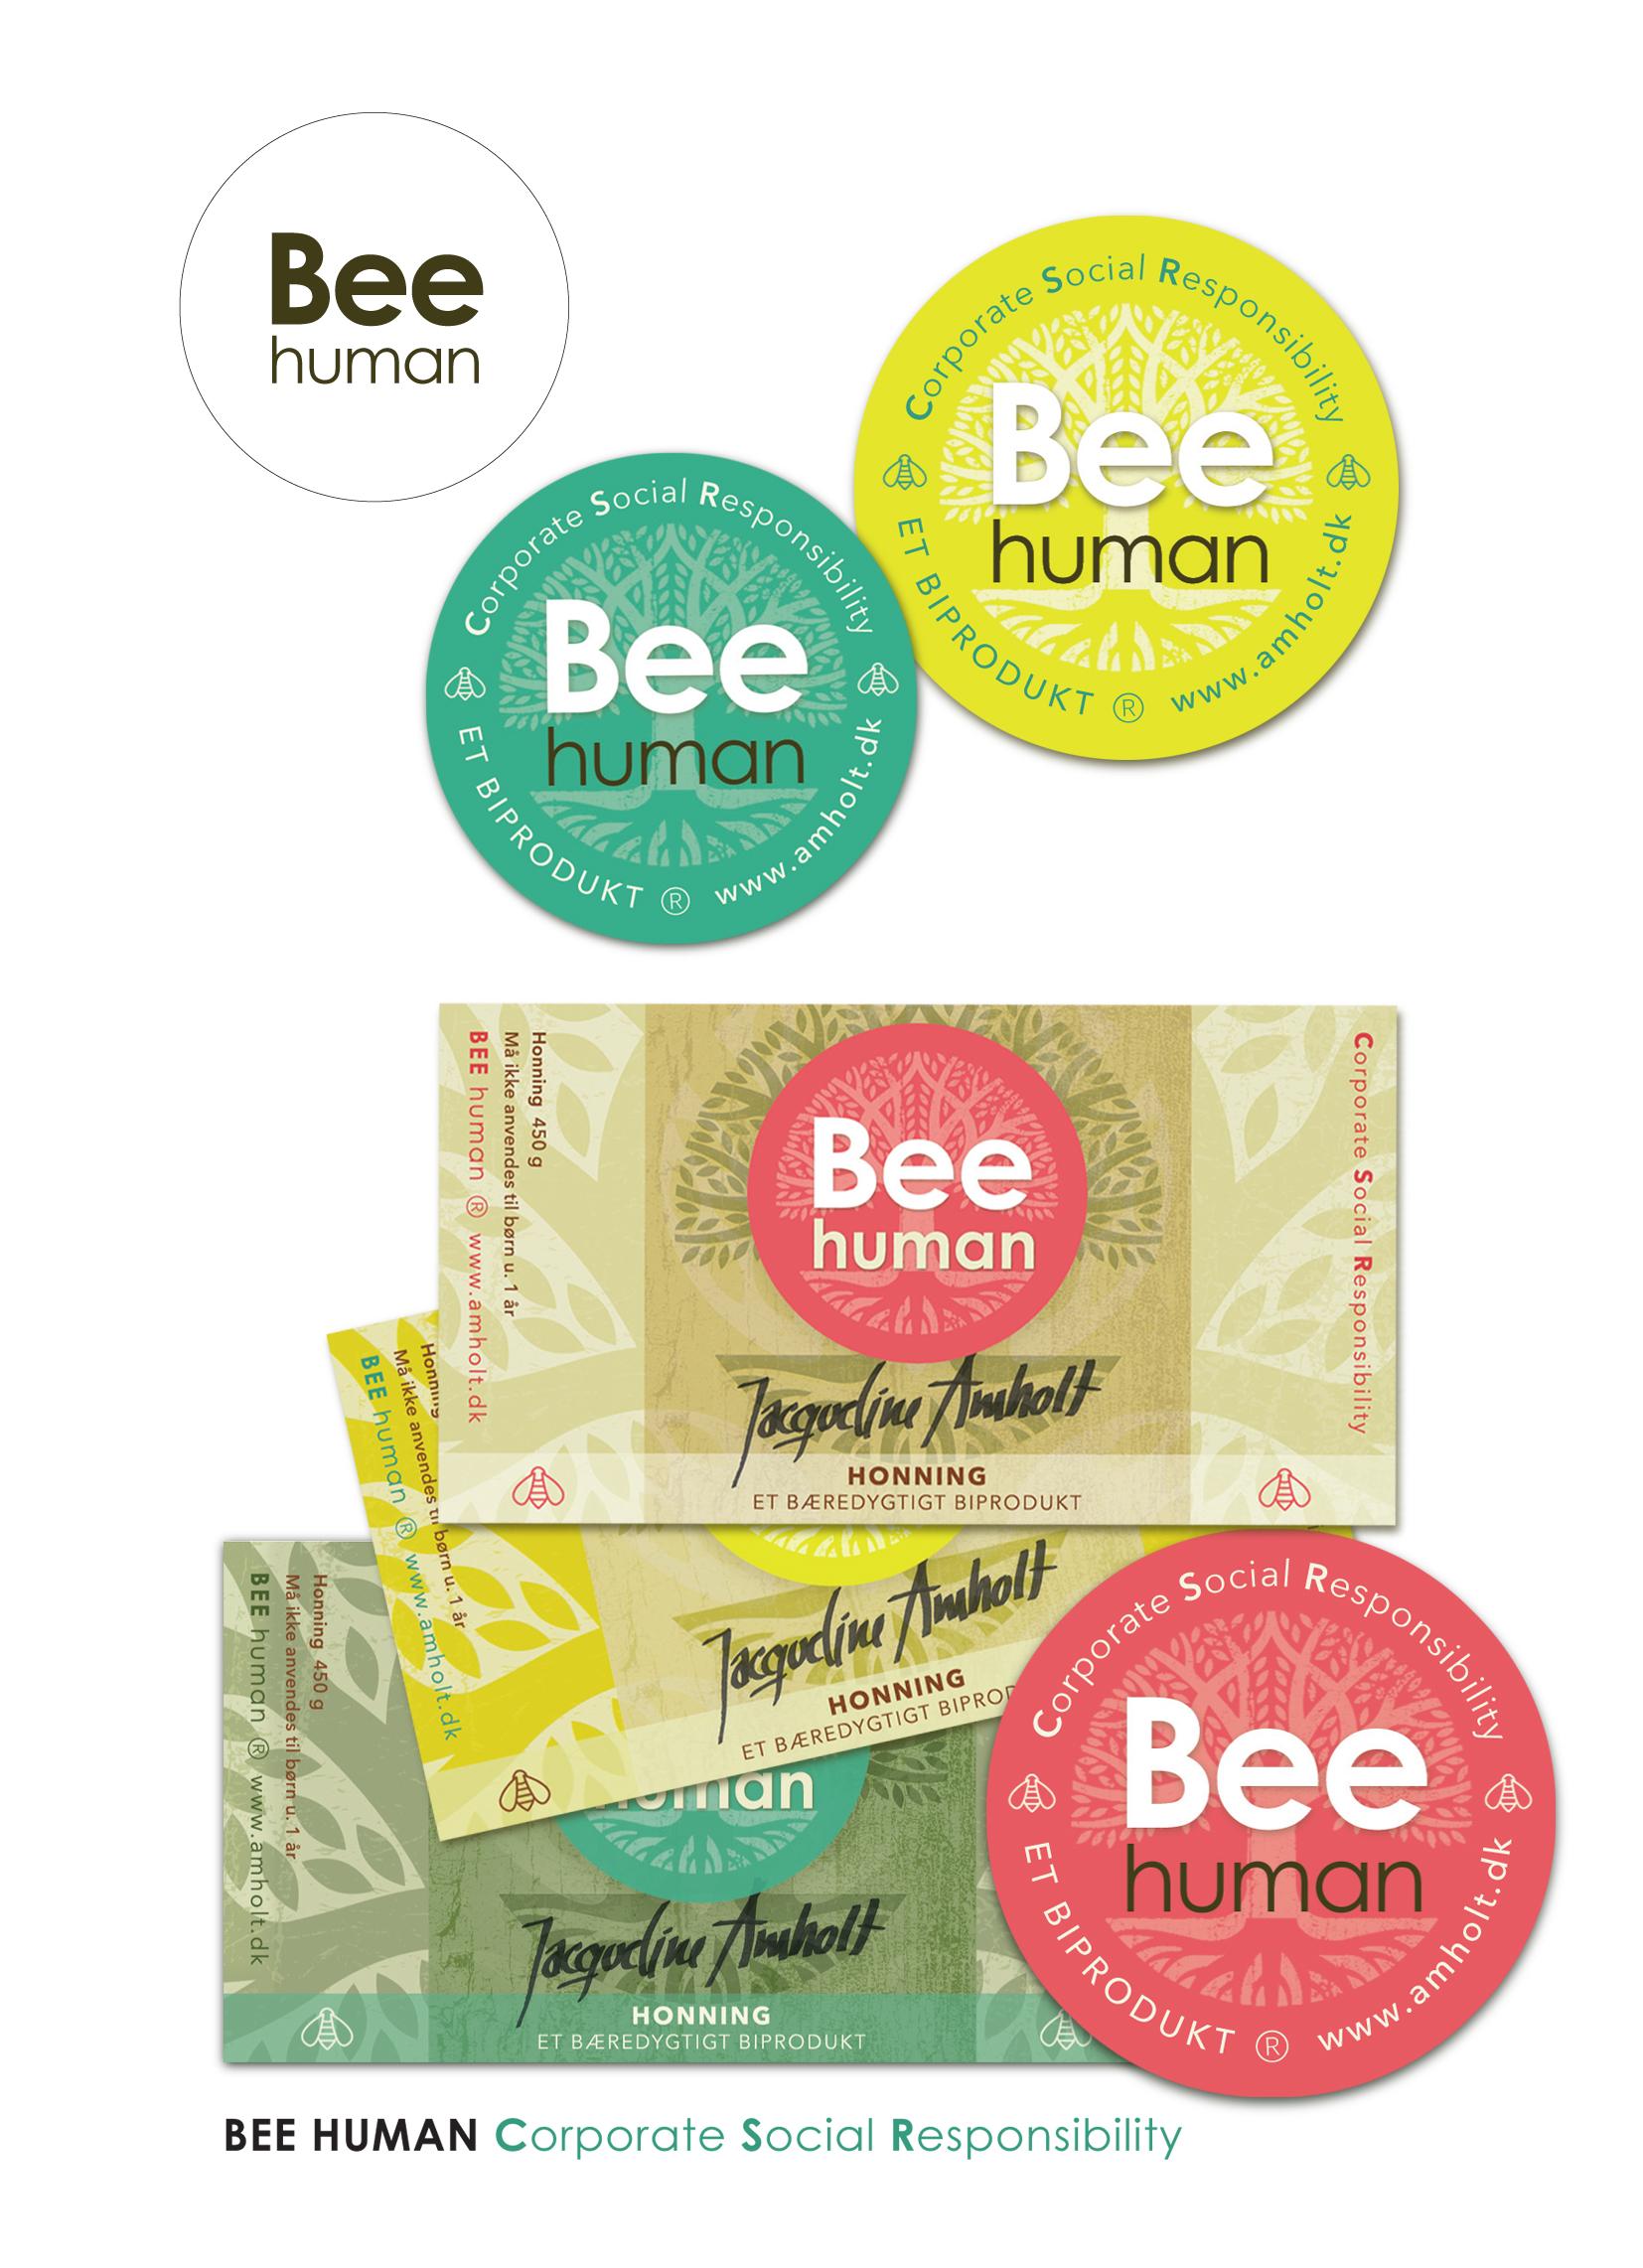 Bee human 2015